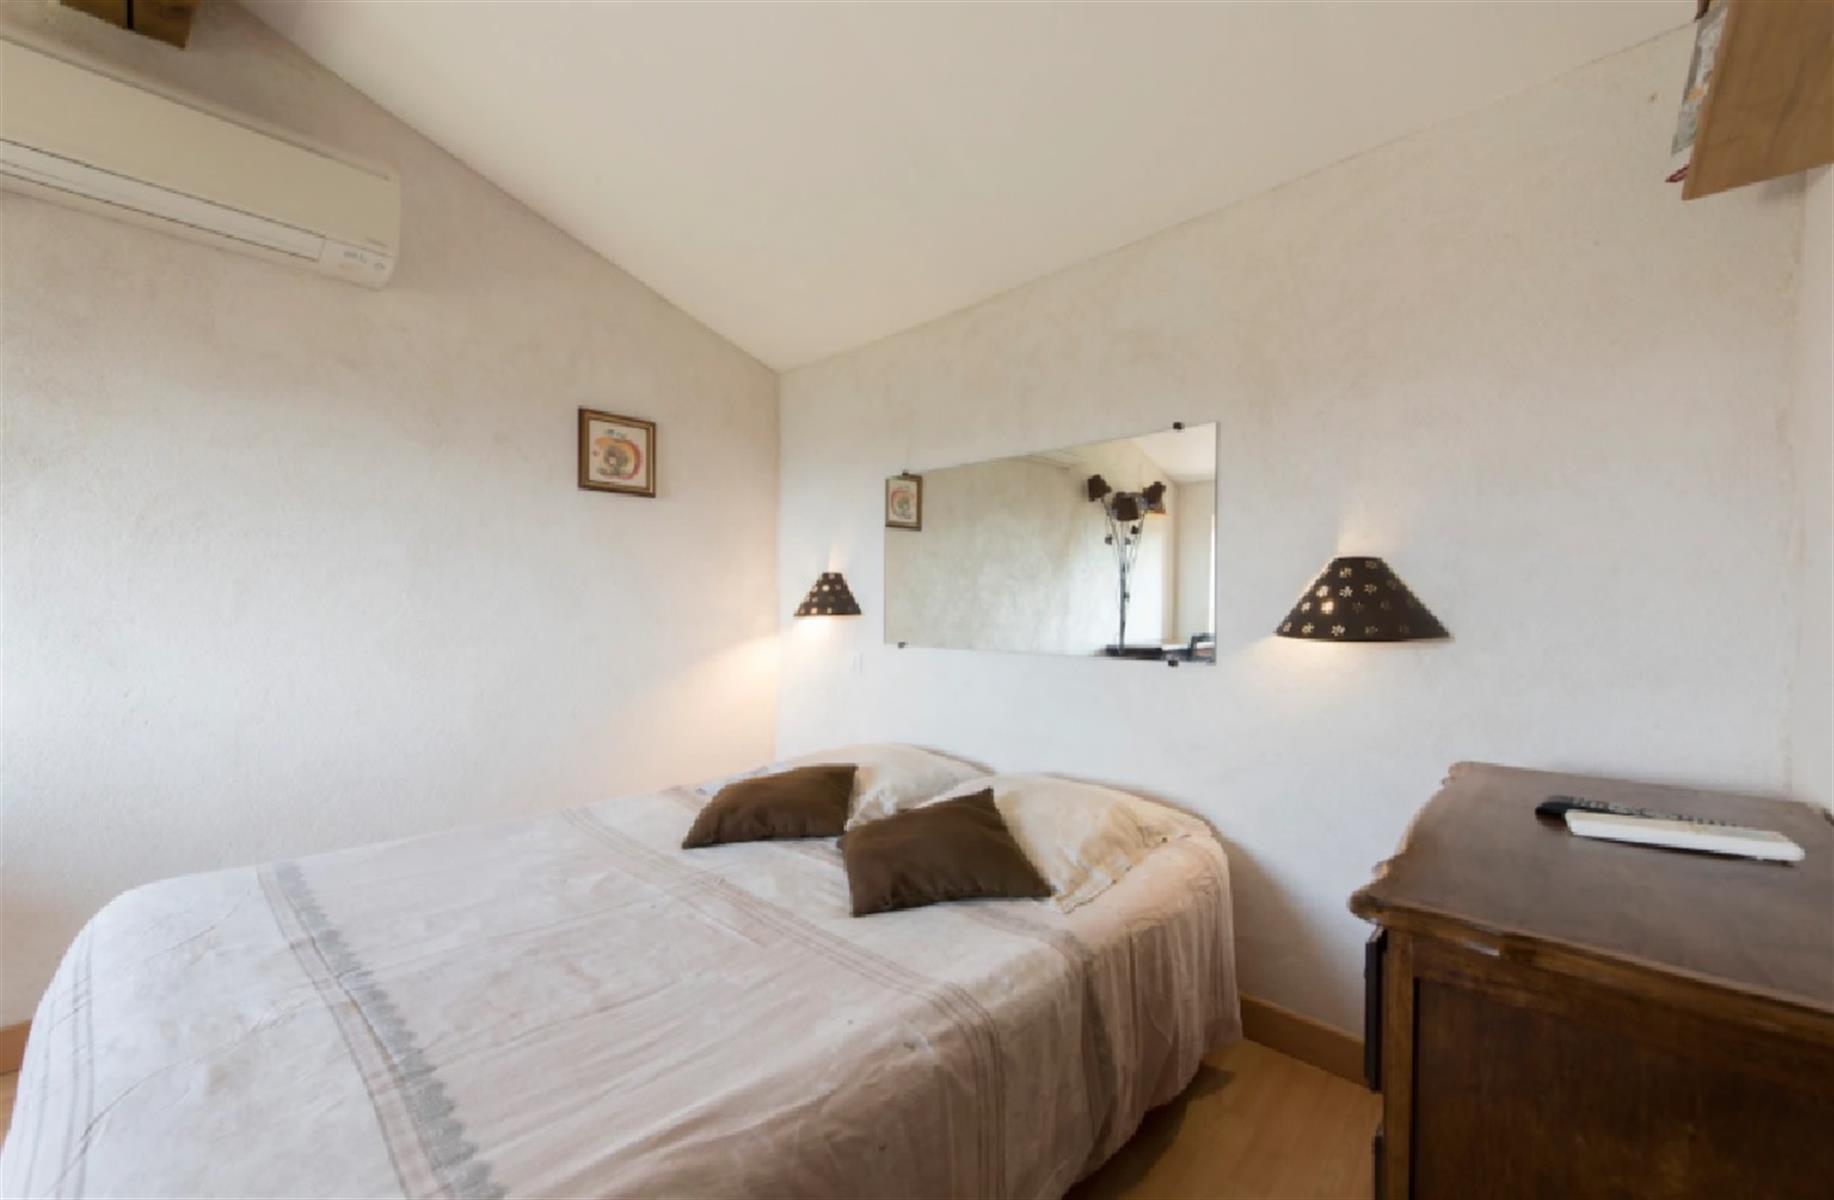 Maison de vacances - St-Cezaire-sur-Siagne      (Tour) - #4309620-6